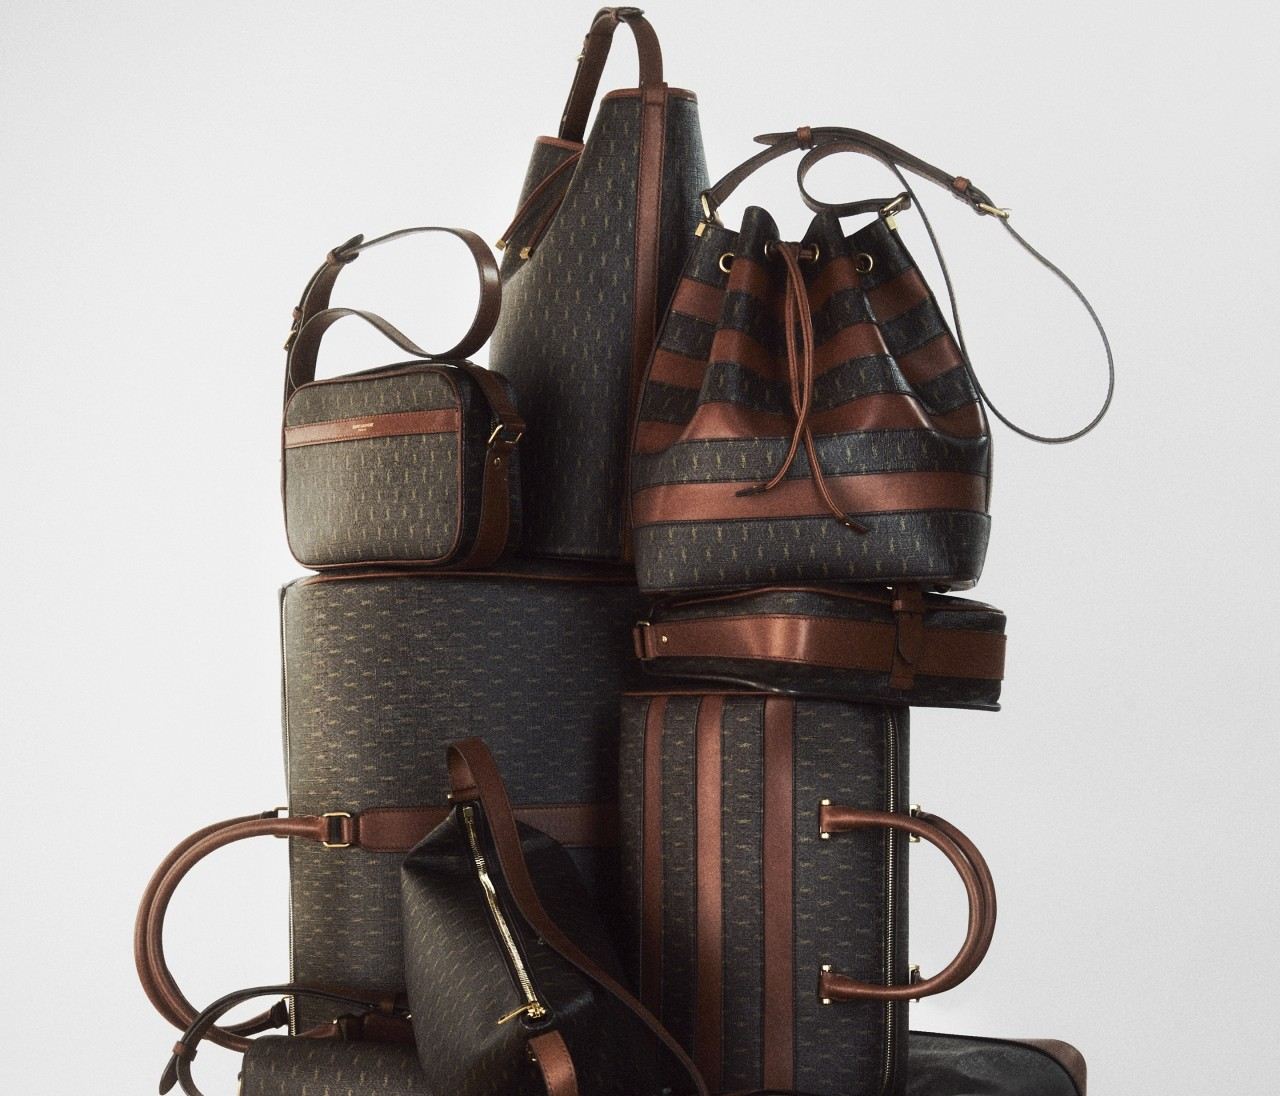 【サンローラン「LE MONOGRAMME(ル・モノグラム)」ラインから新作バッグ登場】シックなデザインで秋を呼び込んで